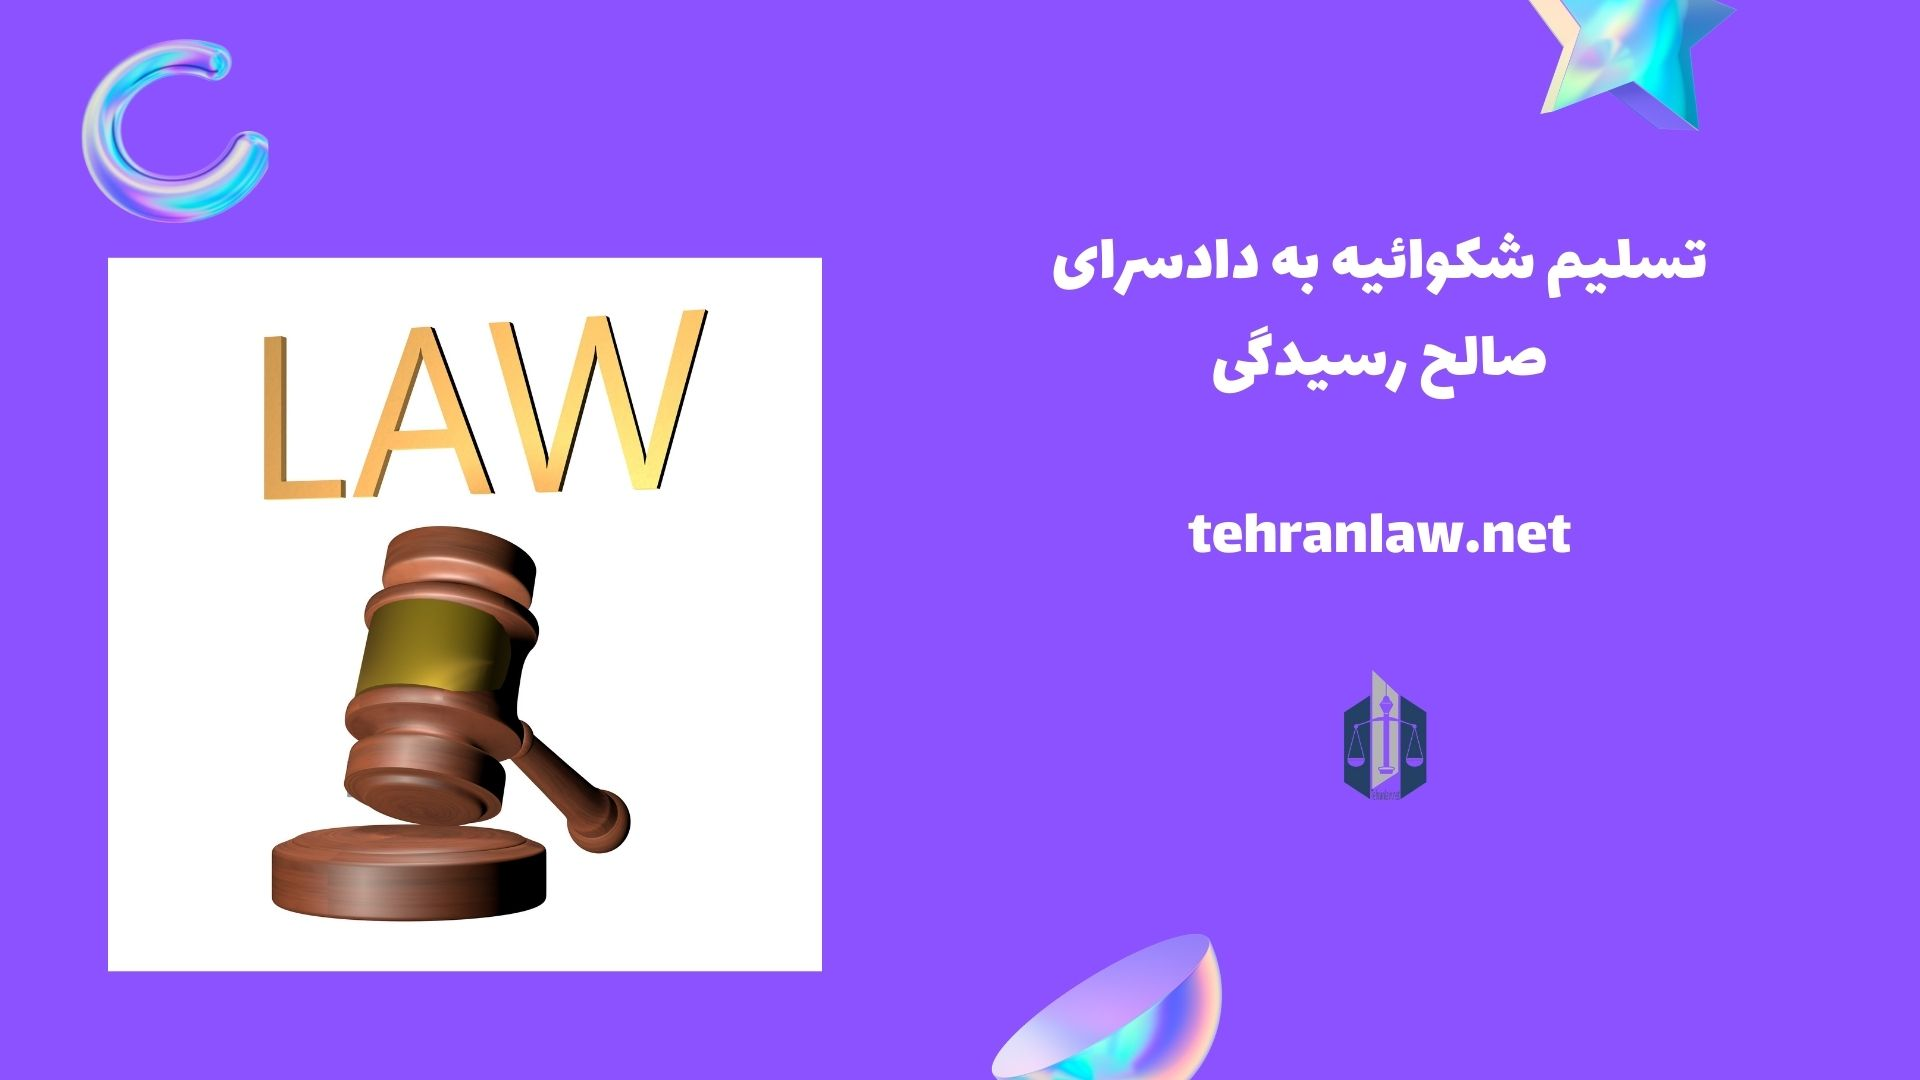 تسلیم شکوائیه به دادسرای صالح رسیدگی